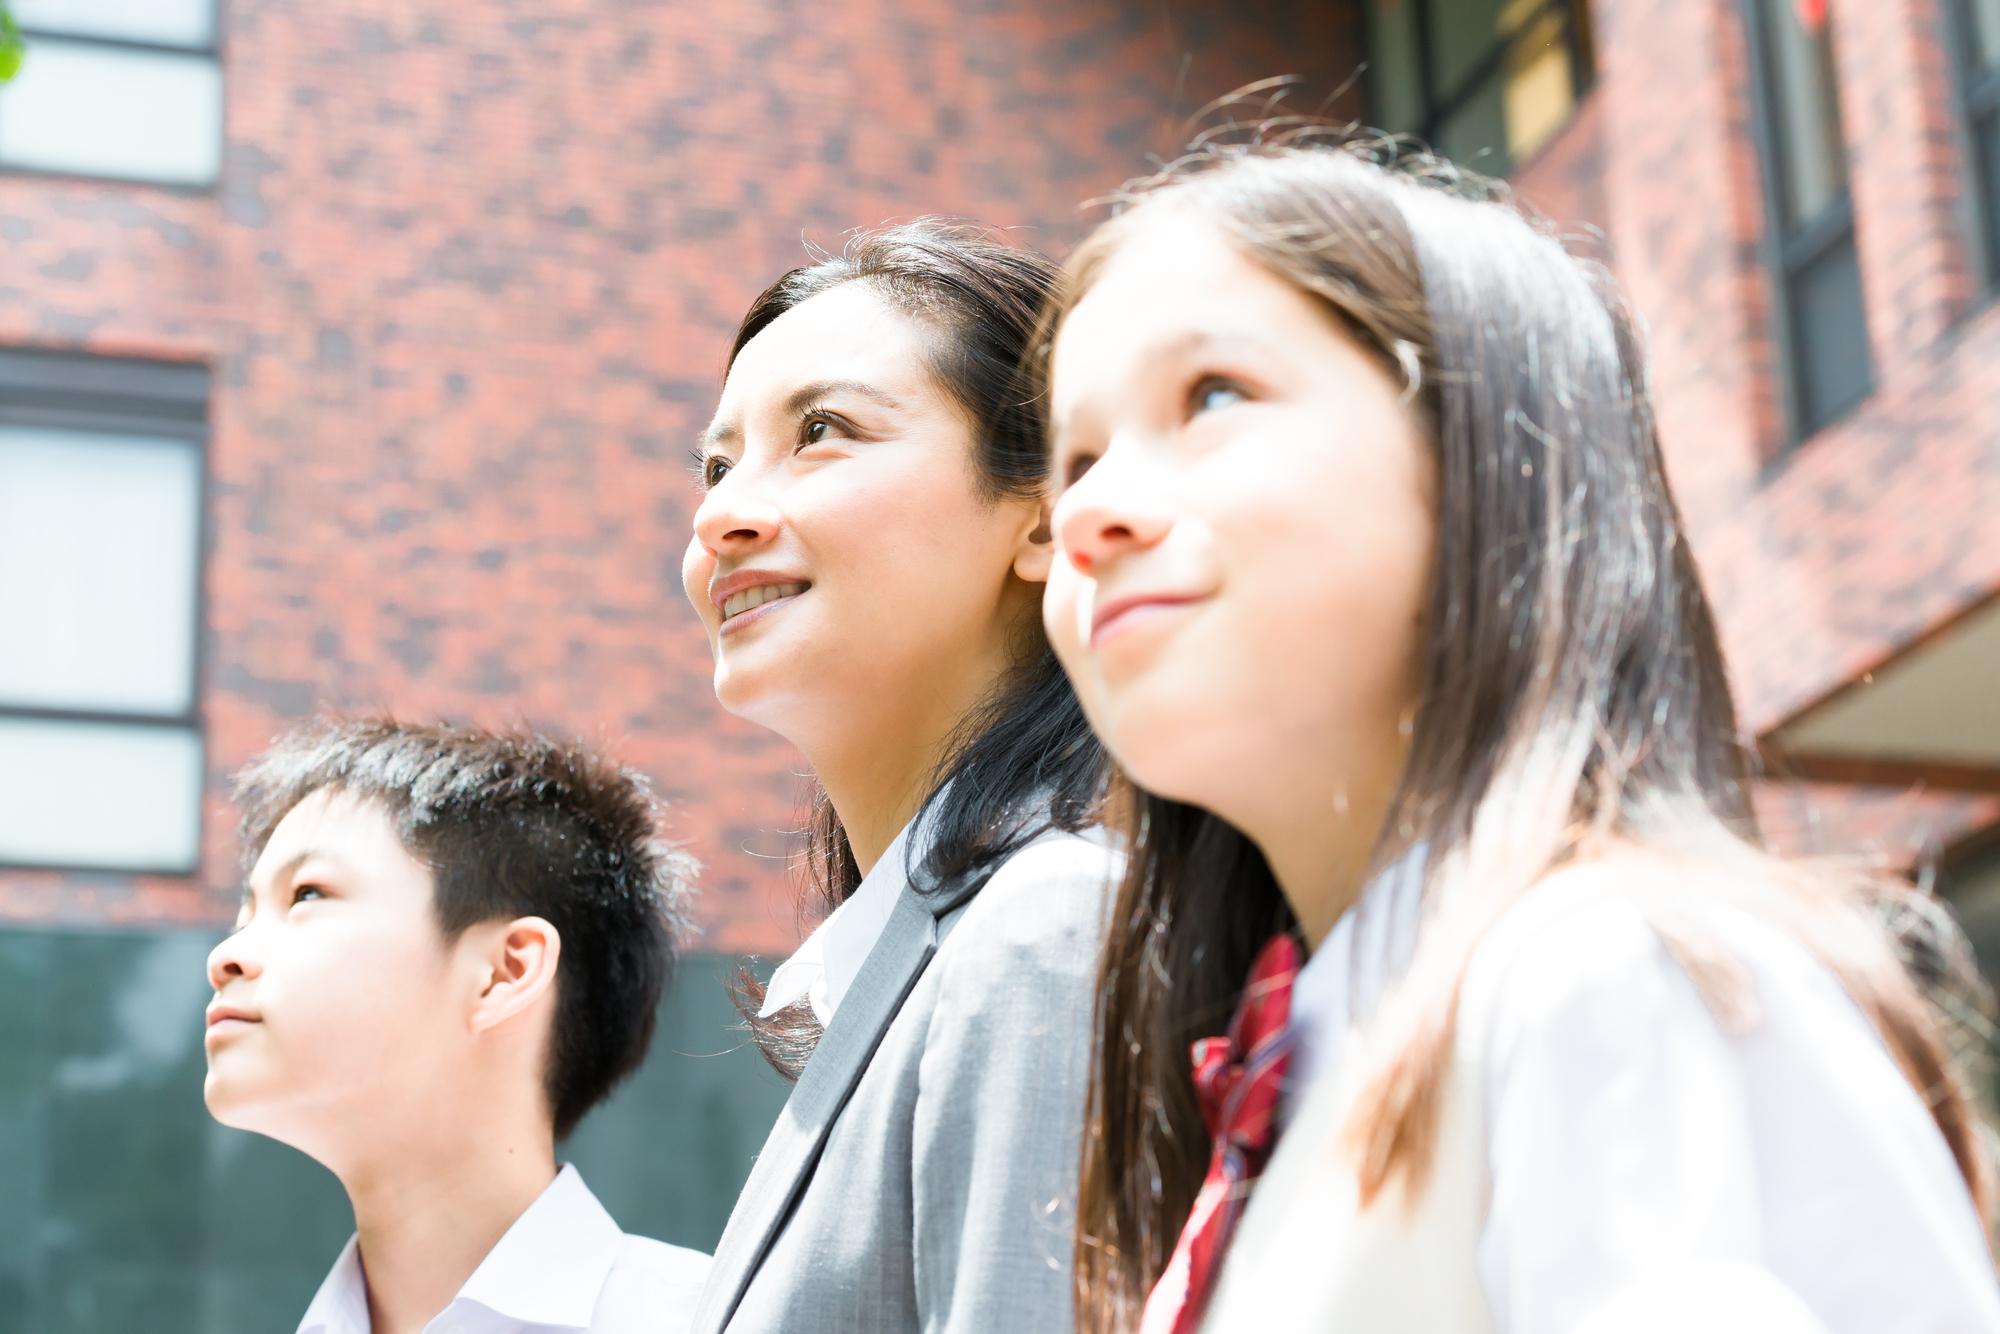 生徒と教師の相互理解